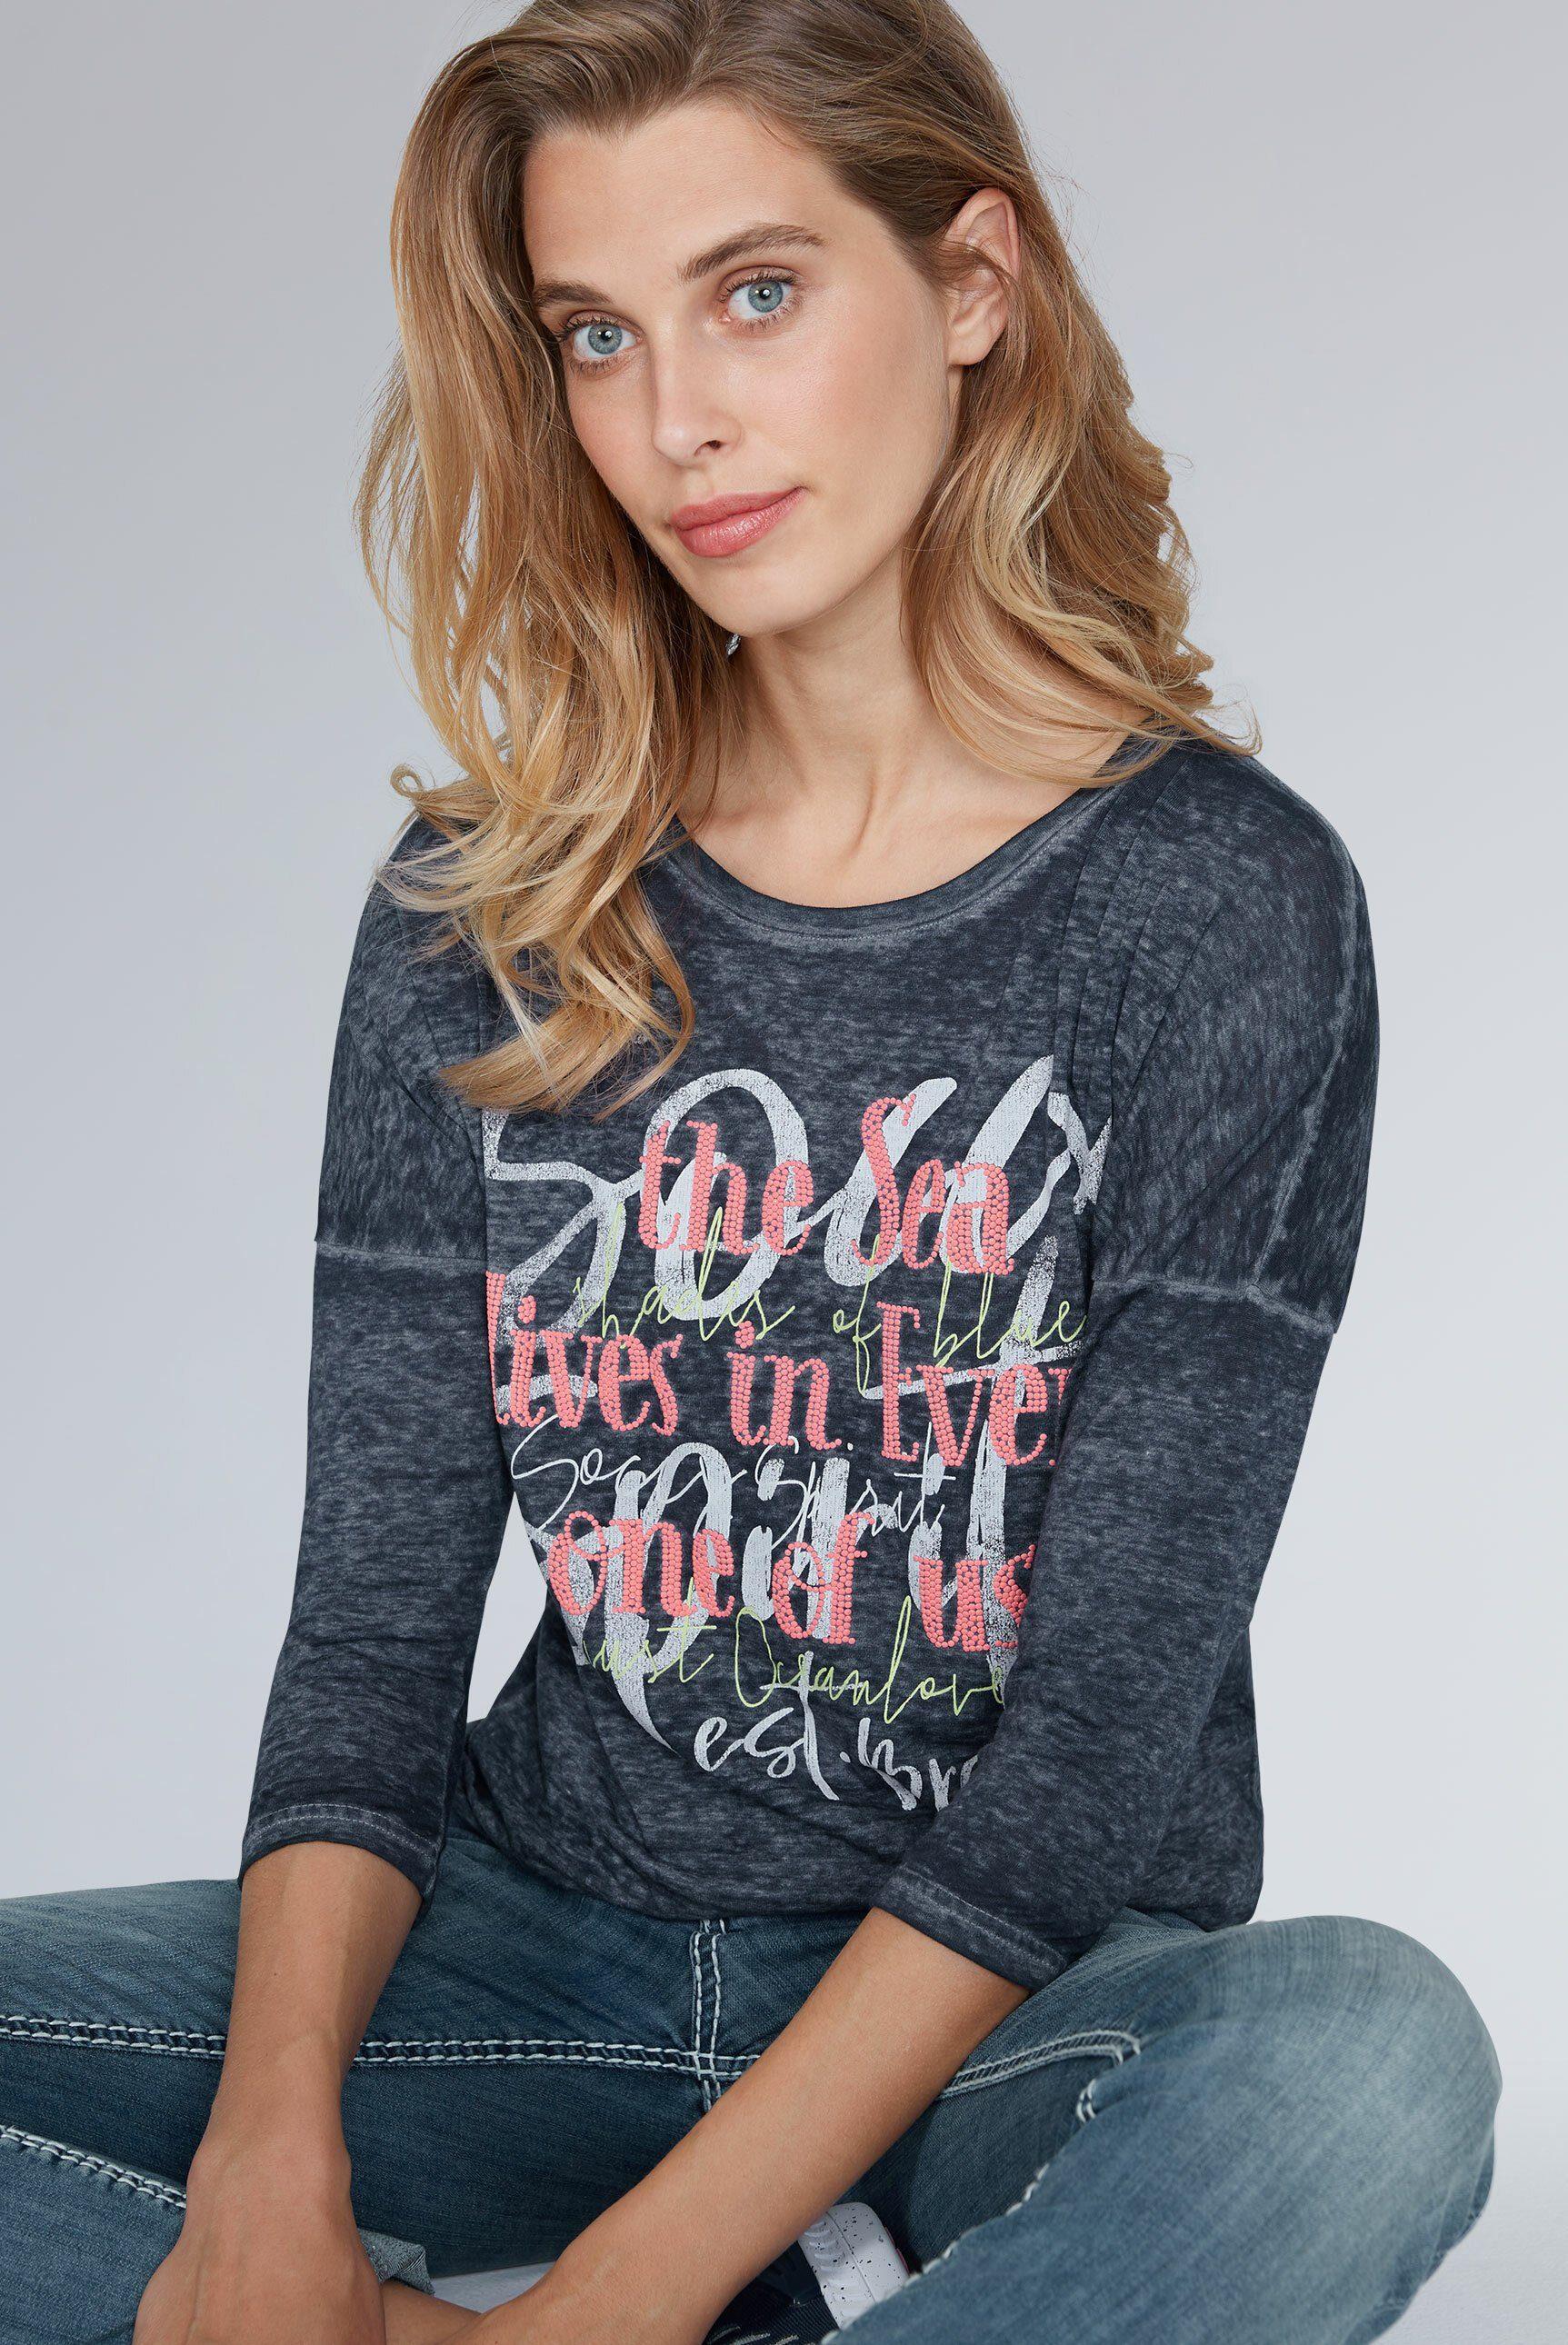 Damen SOCCX T-Shirt mit Applikationen blau, schwarz, weiß | 04048182119130